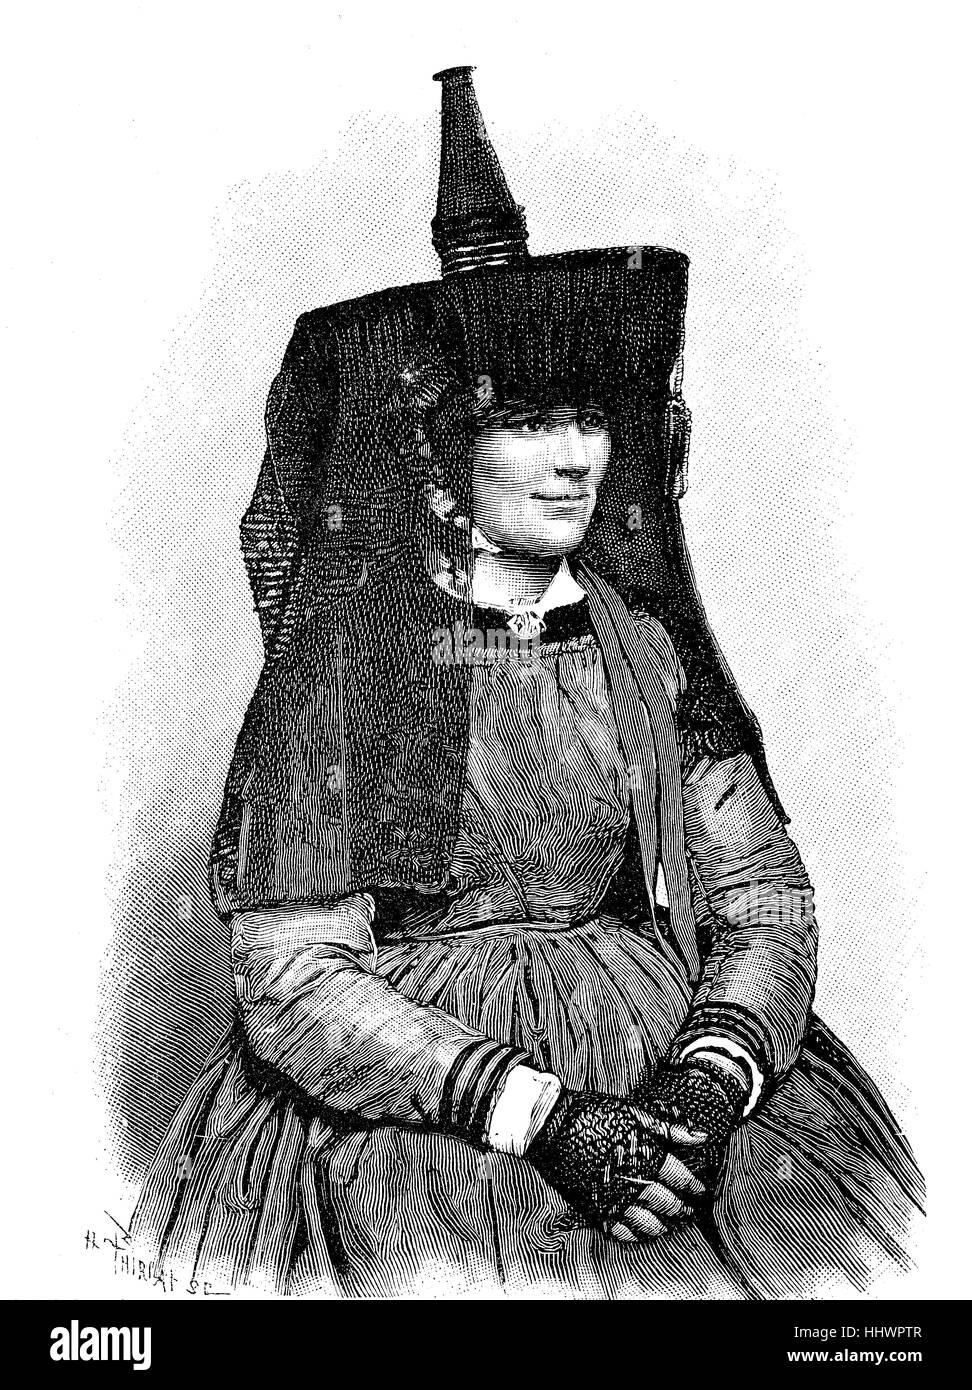 Folklore francese, il Costume di la contadina di Bresse, immagine storica o illustrazione, pubblicato 1890, digitale Immagini Stock